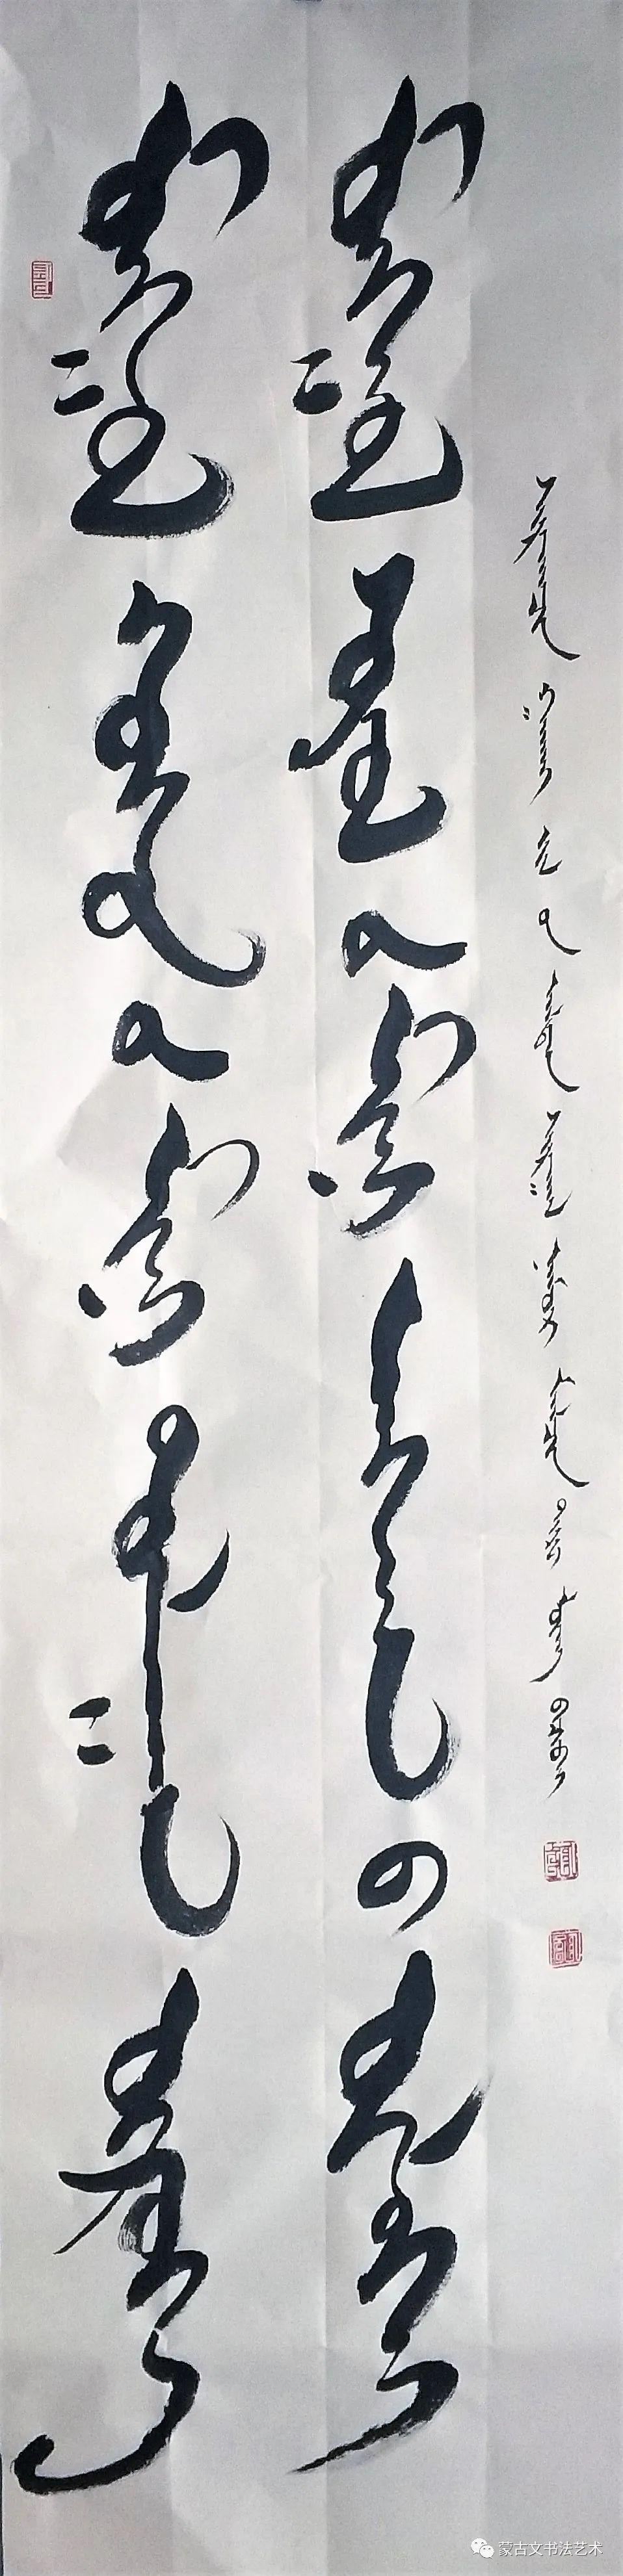 铁龙蒙古文书法 第10张 铁龙蒙古文书法 蒙古书法